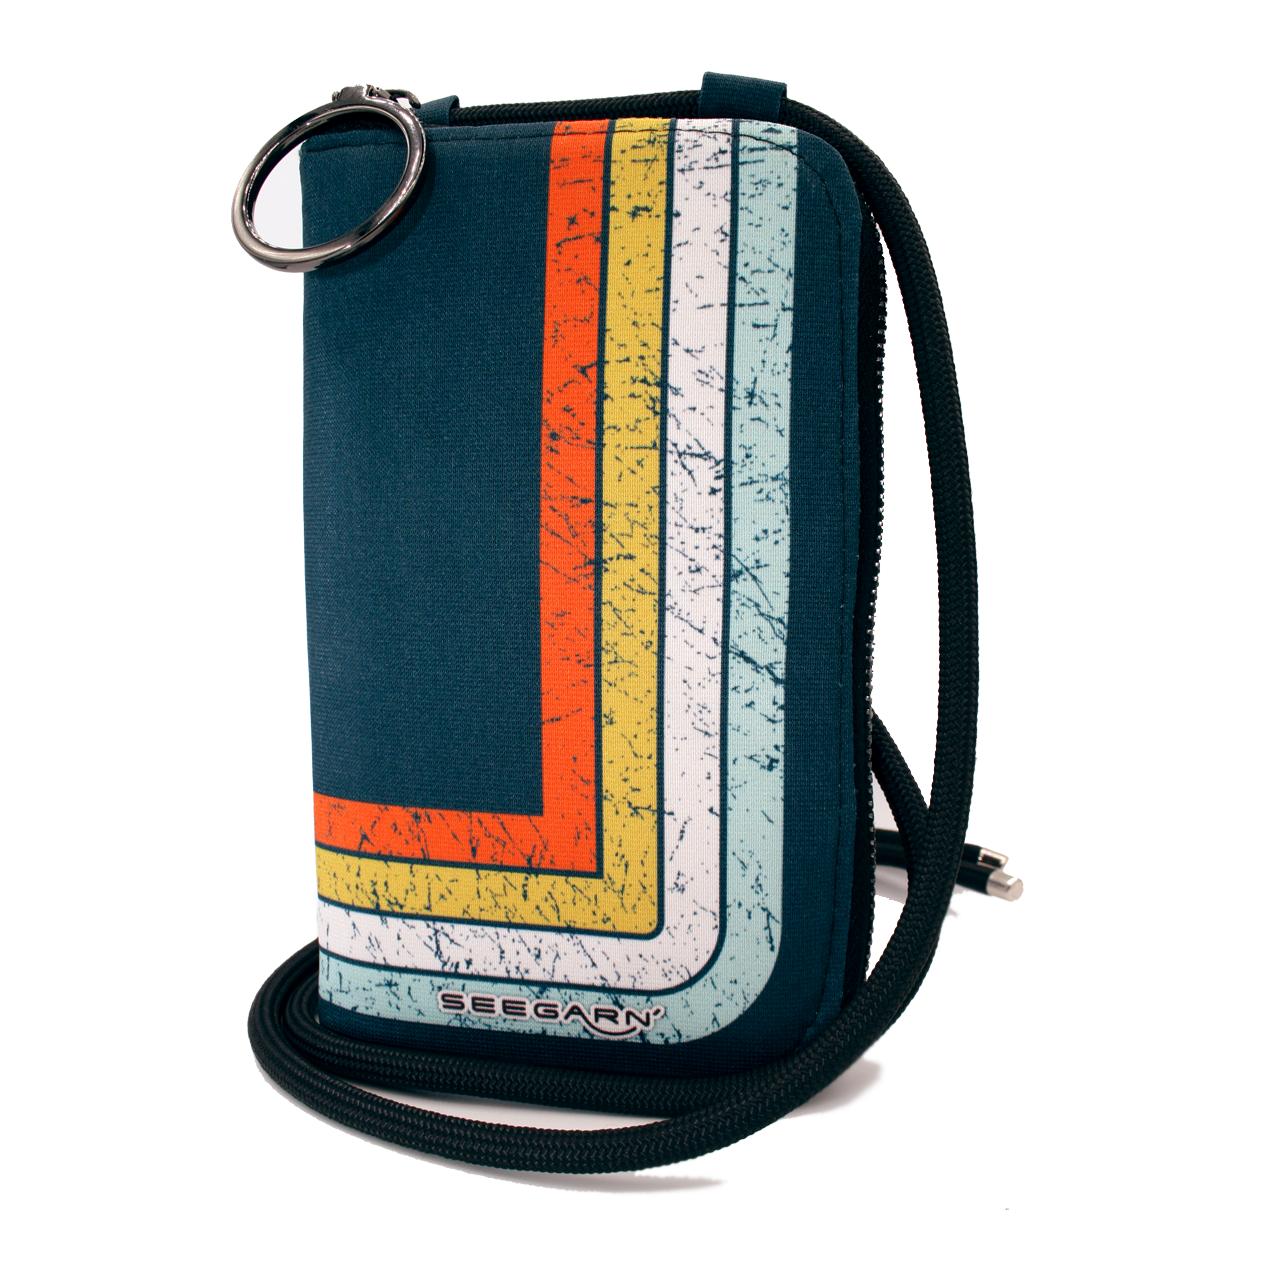 Smart-Bag, 2in1 Handy-Tasche und Geldbeutel (MB42)